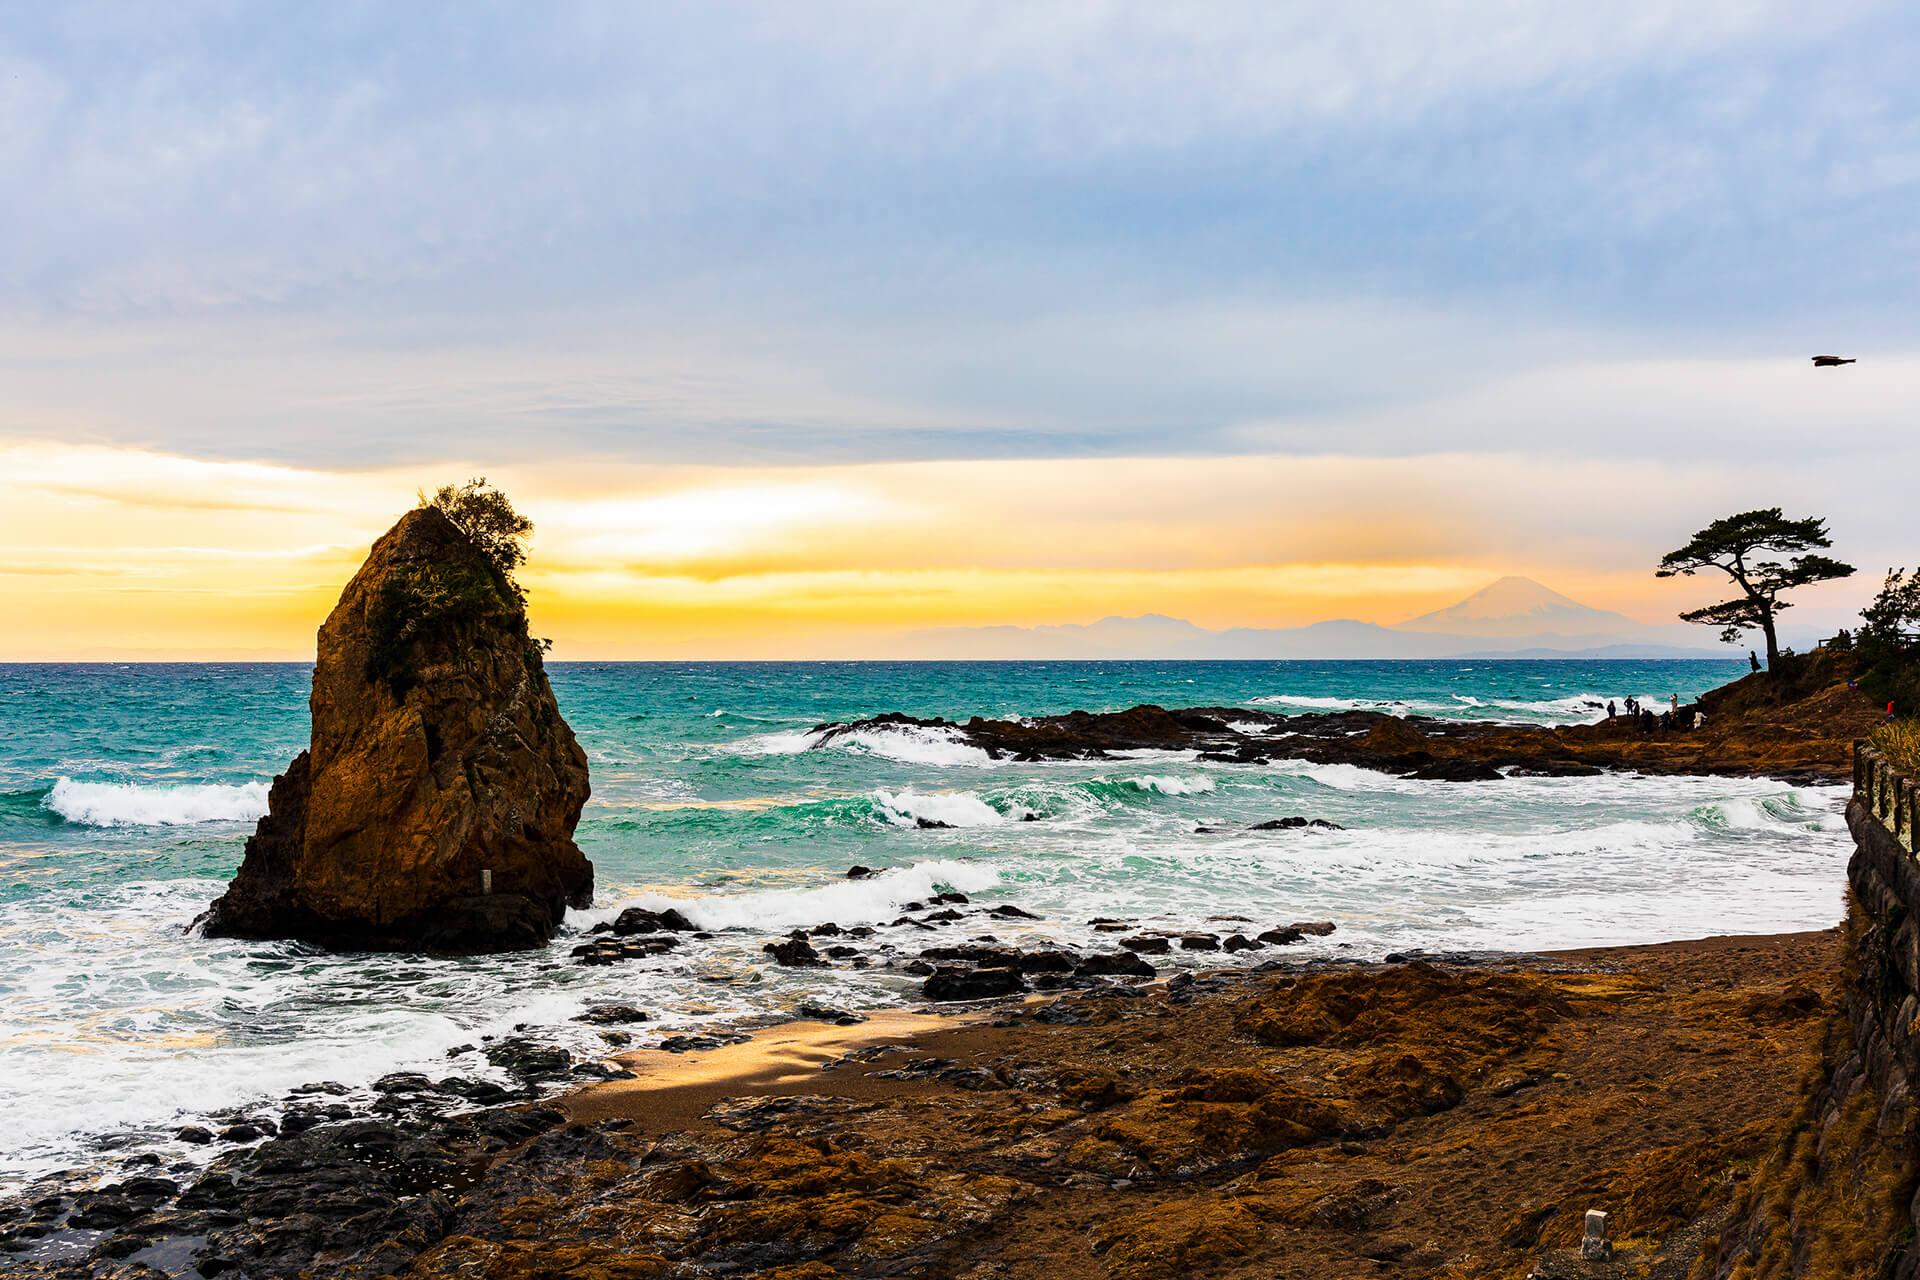 秋谷・立石海岸 観光スポット 横須賀市観光情報サイト ...